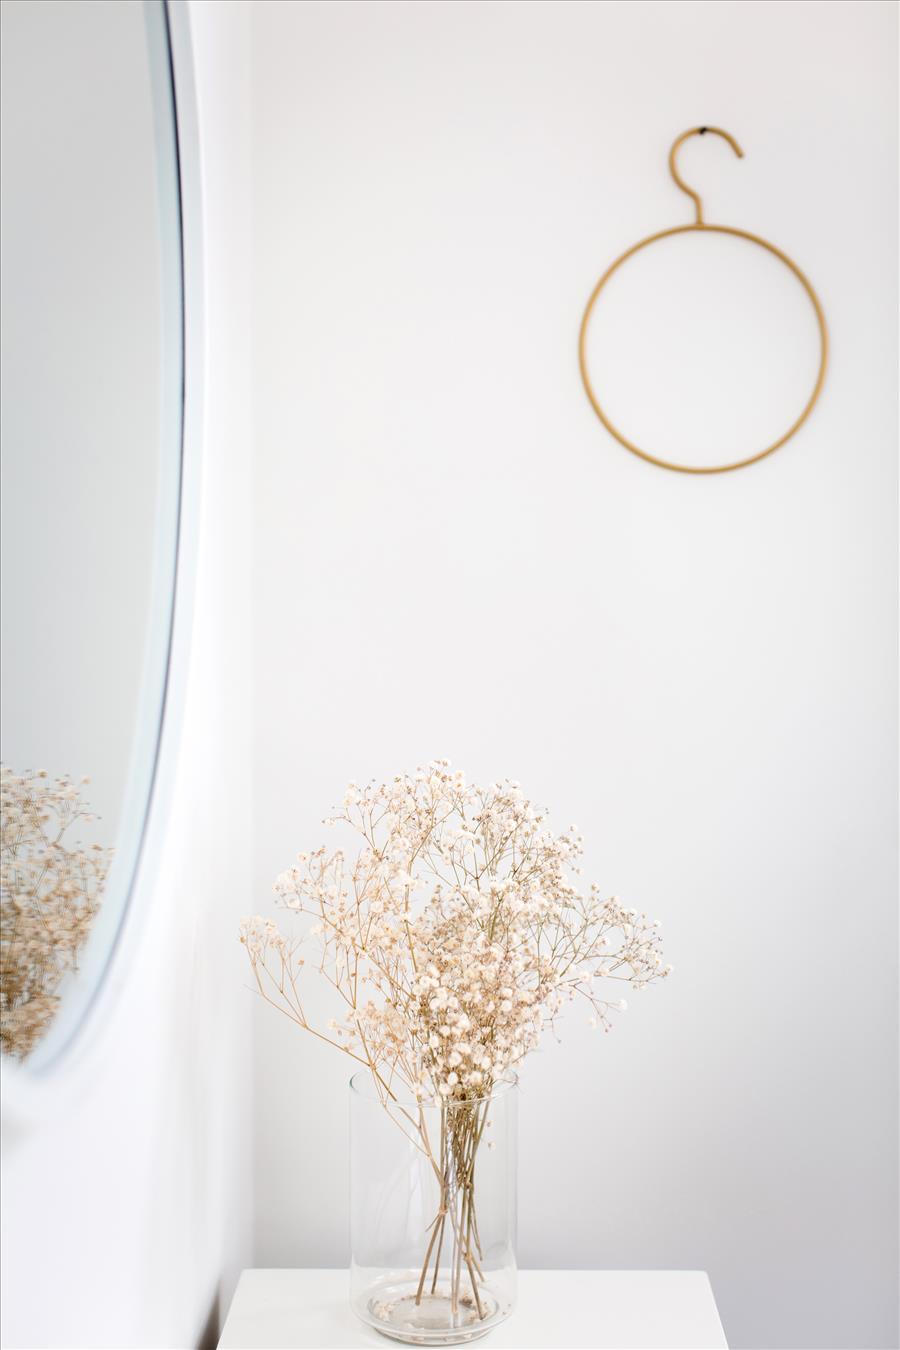 עיצוב רוני ארליך | צילום דנה סטמפלר עשהאל